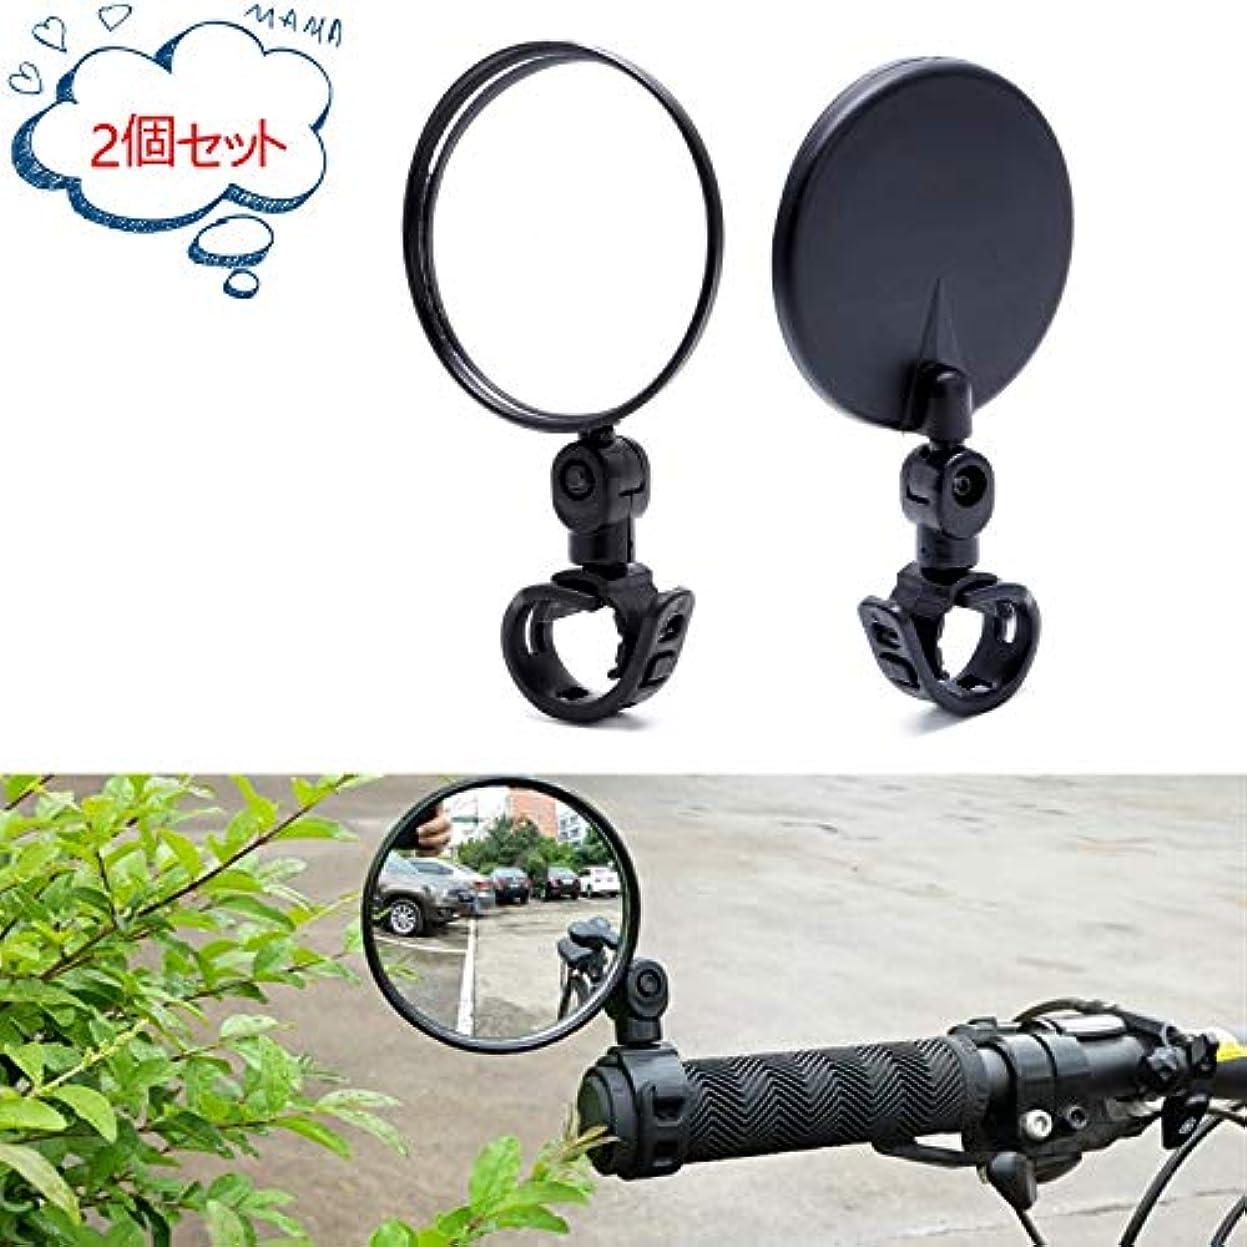 着実にごちそう十二[Hordlend]2個セット 自転車バックミラー 丸型 凸面 360度回転可能 広視野角 取り付け簡単 自転車ミラー サイクリングミラー バーエンドミラー ブラック HSJ-028